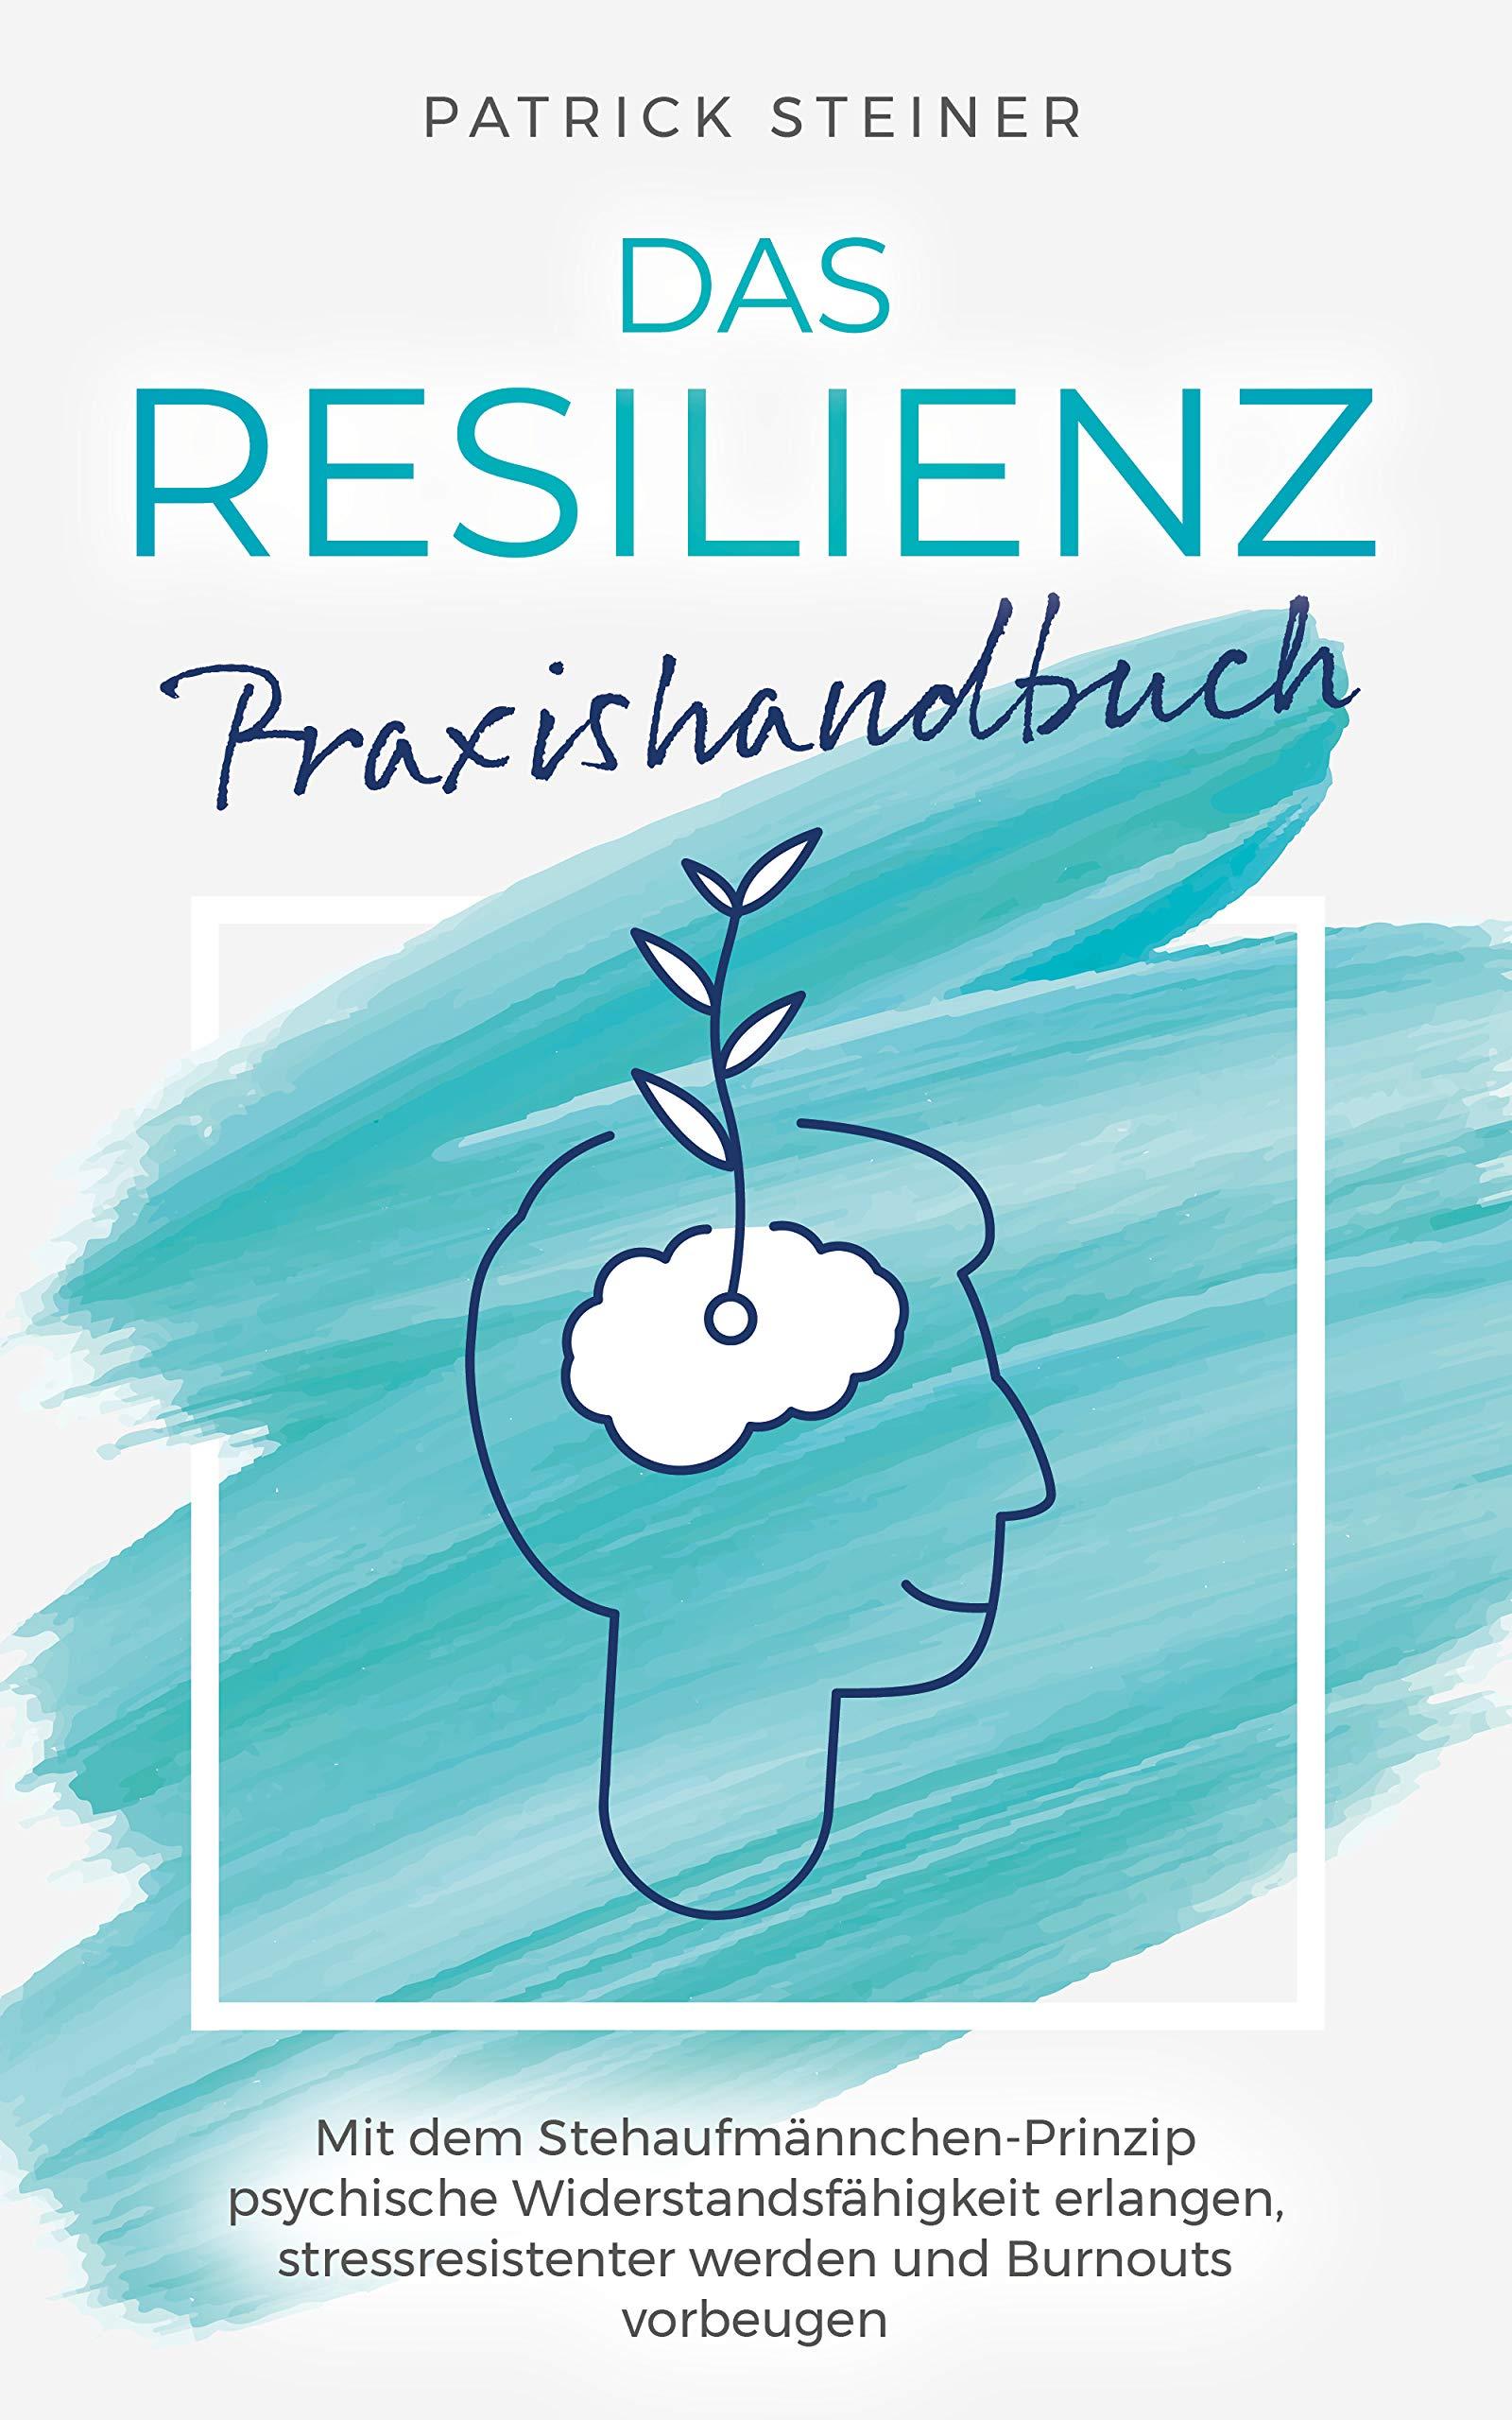 Das Resilienz Praxishandbuch: Mit dem Stehaufmännchen-Prinzip psychische Widerstandsfähigkeit erlangen, stressresistenter werden und Burnouts vorbeugen (German Edition)